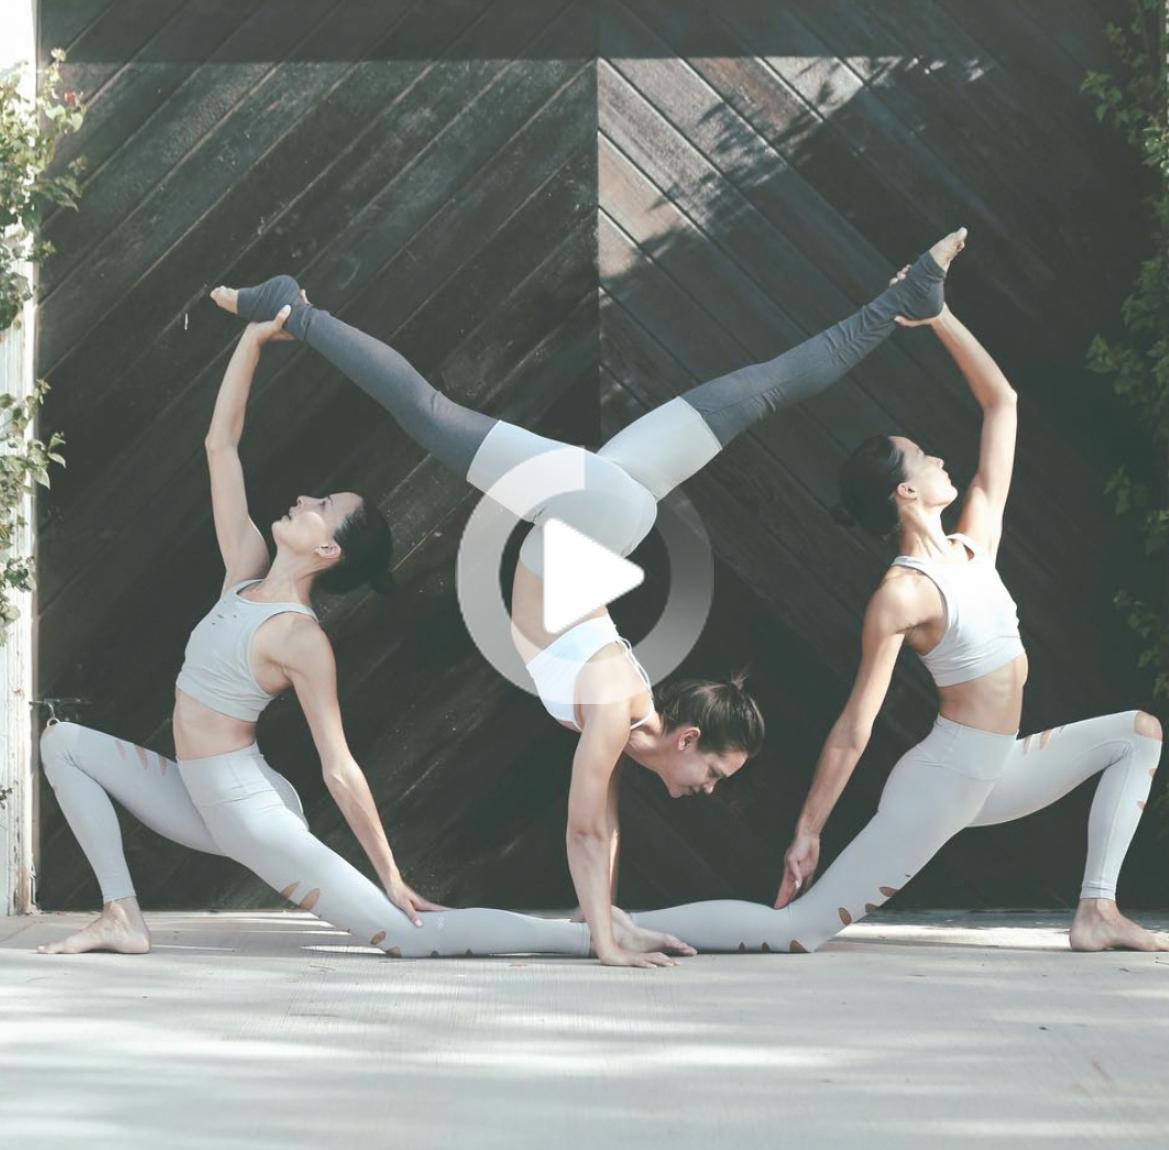 Pin On Partner Yoga Yoga Challenge Poses Group Yoga Poses Partner Yoga Poses